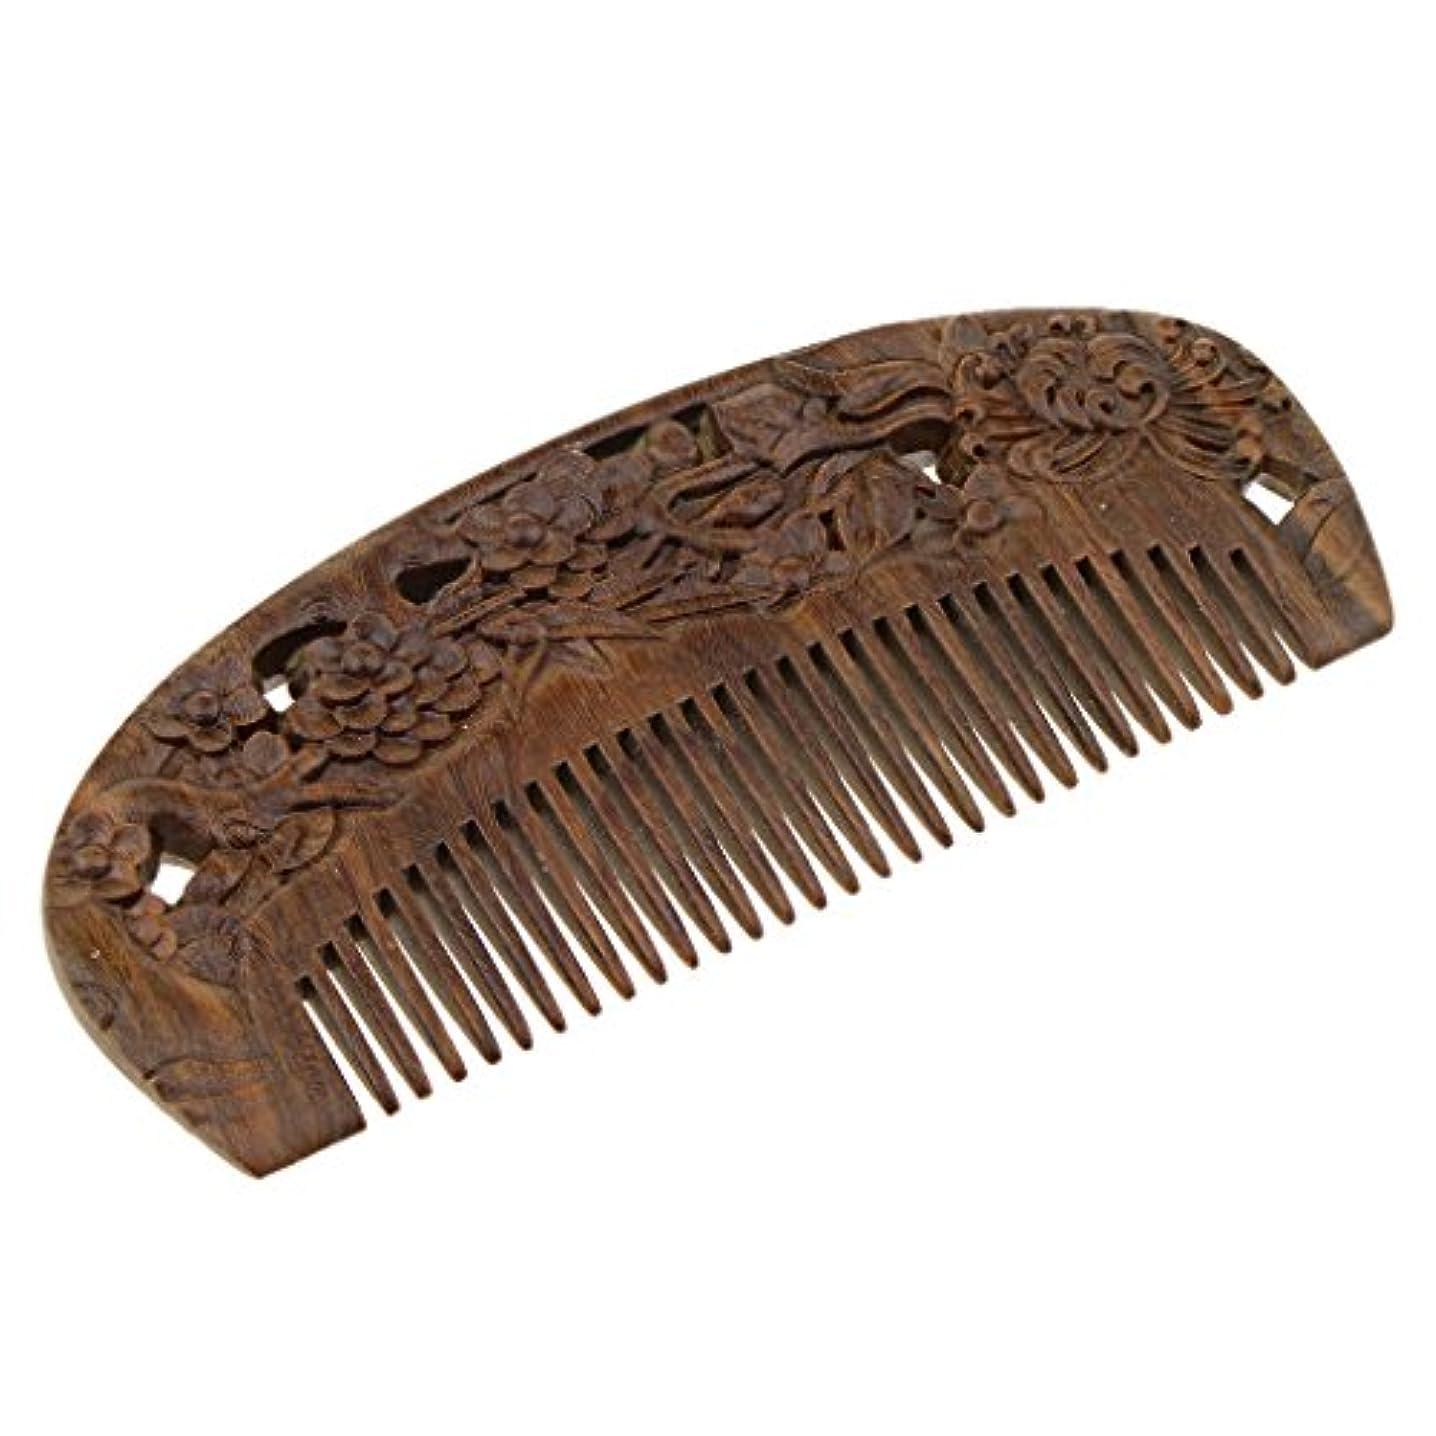 マントサイバースペースつま先ヘアコーム 木製櫛 頭皮マッサージ 櫛 ヘアスタイリング 高品質 2タイプ選べる - #2